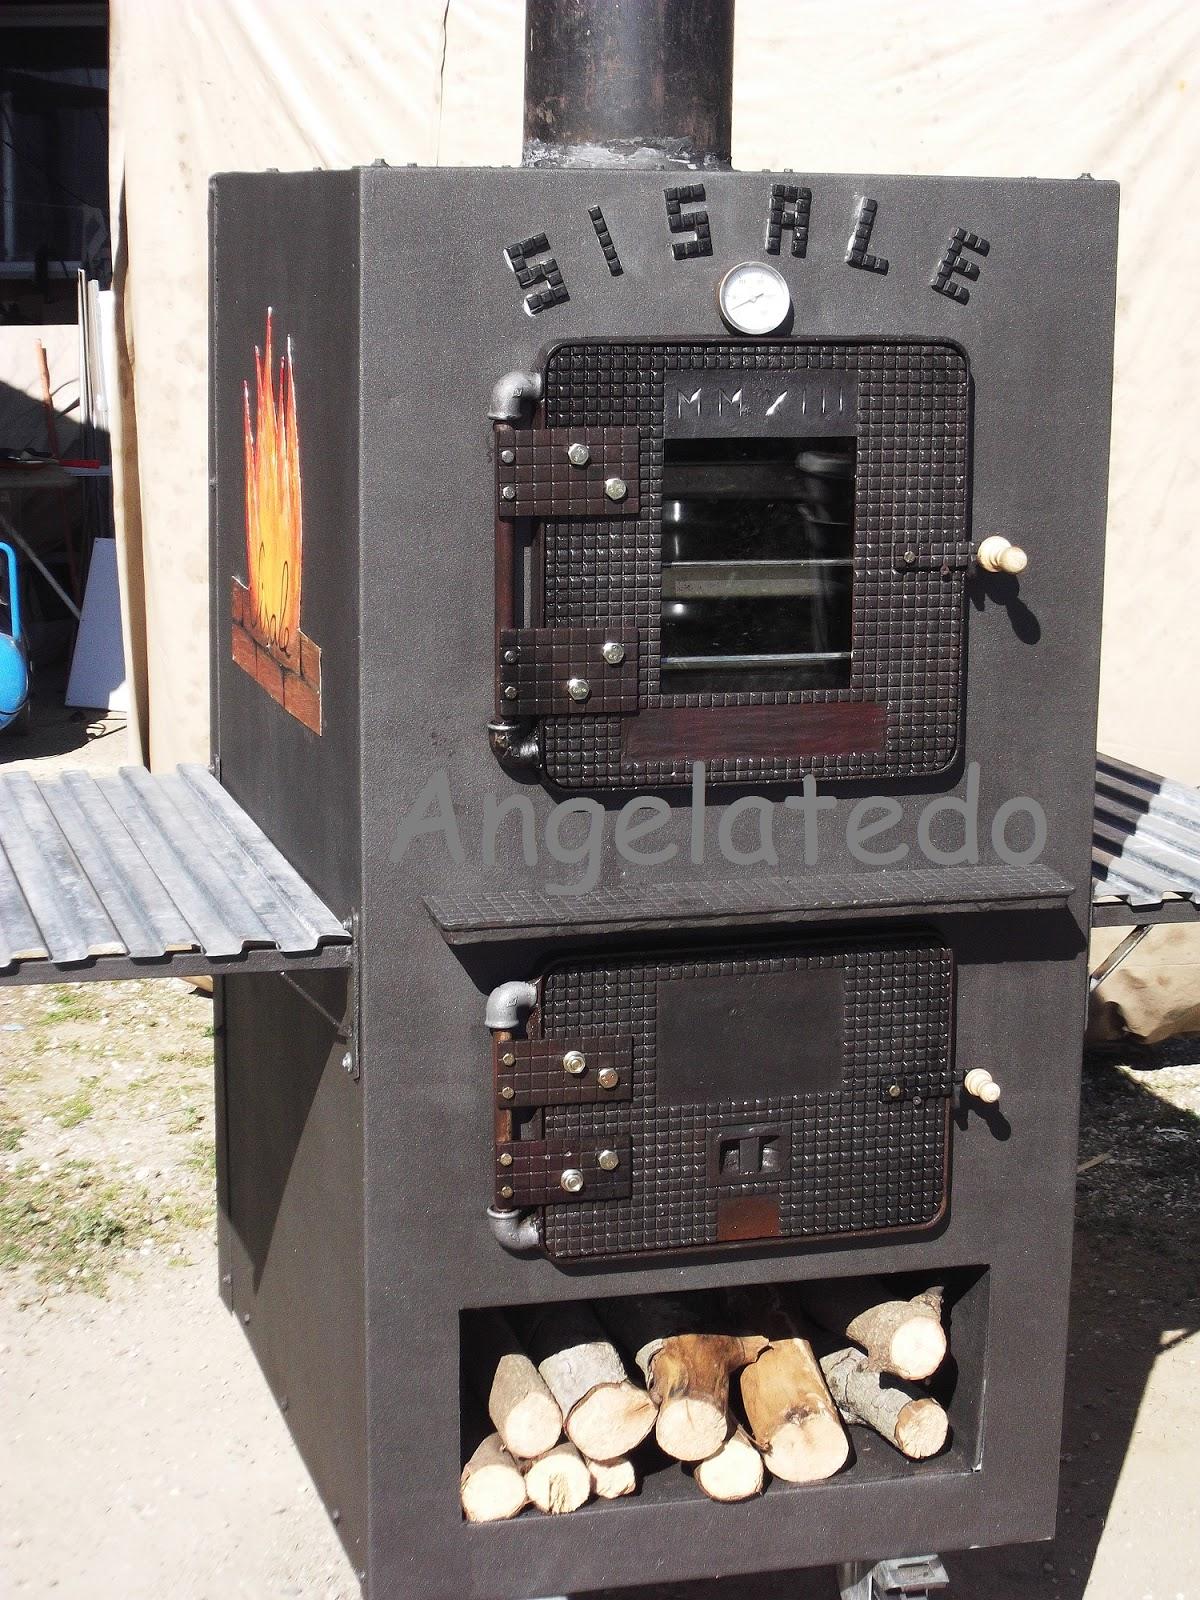 Construcci n de horno de le a horno sisale angelatedo - Materiales para hacer un horno de lena ...